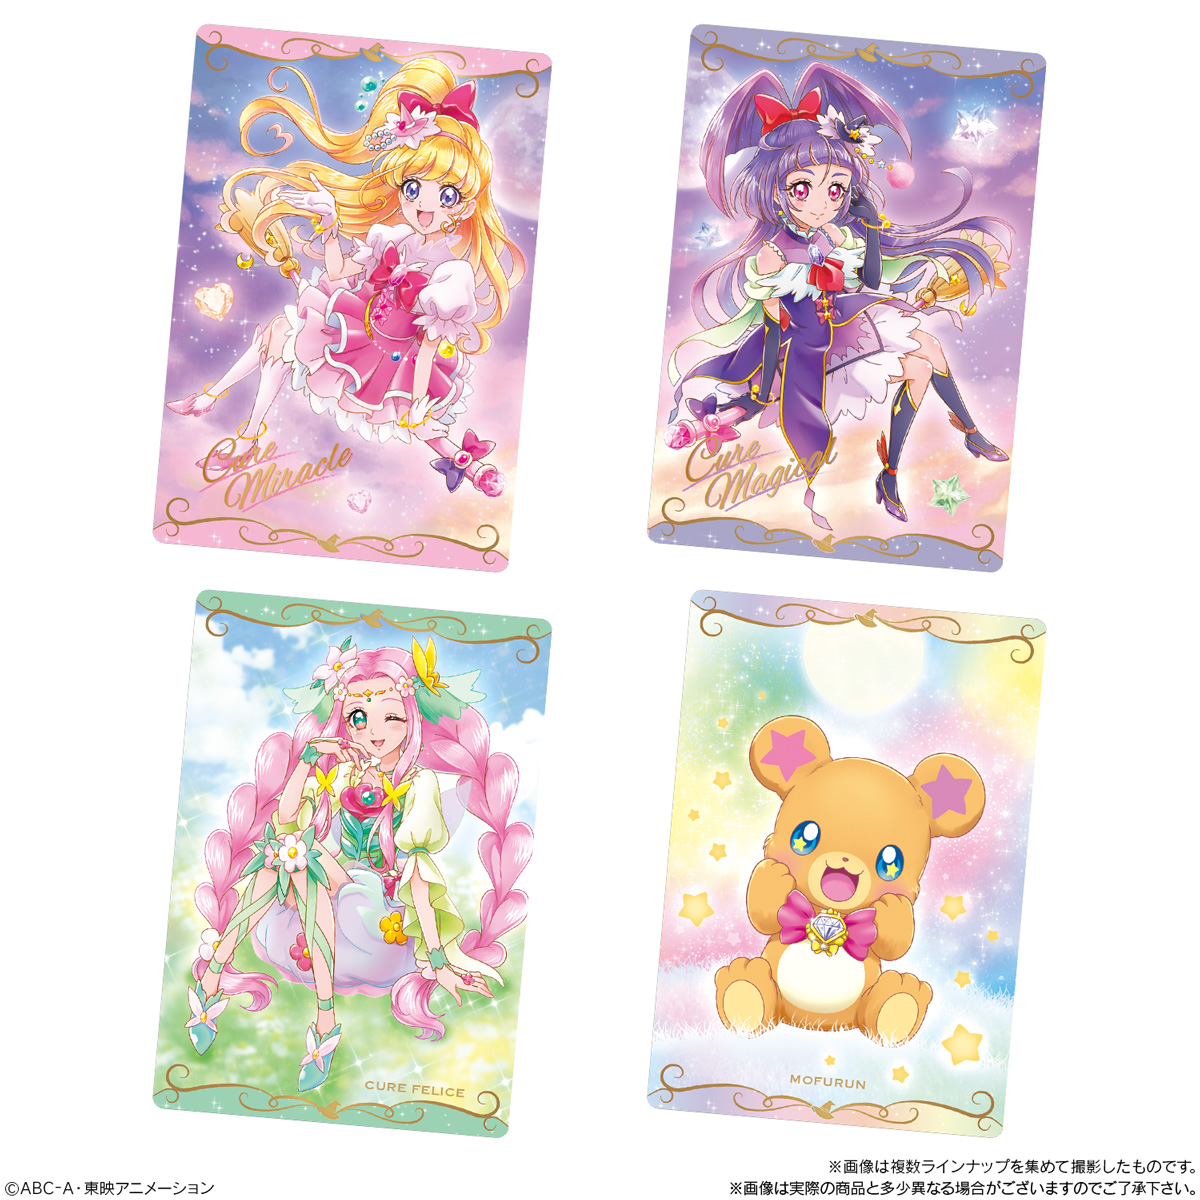 【食玩】プリキュア『プリキュア カードウエハース2』20個入りBOX-005